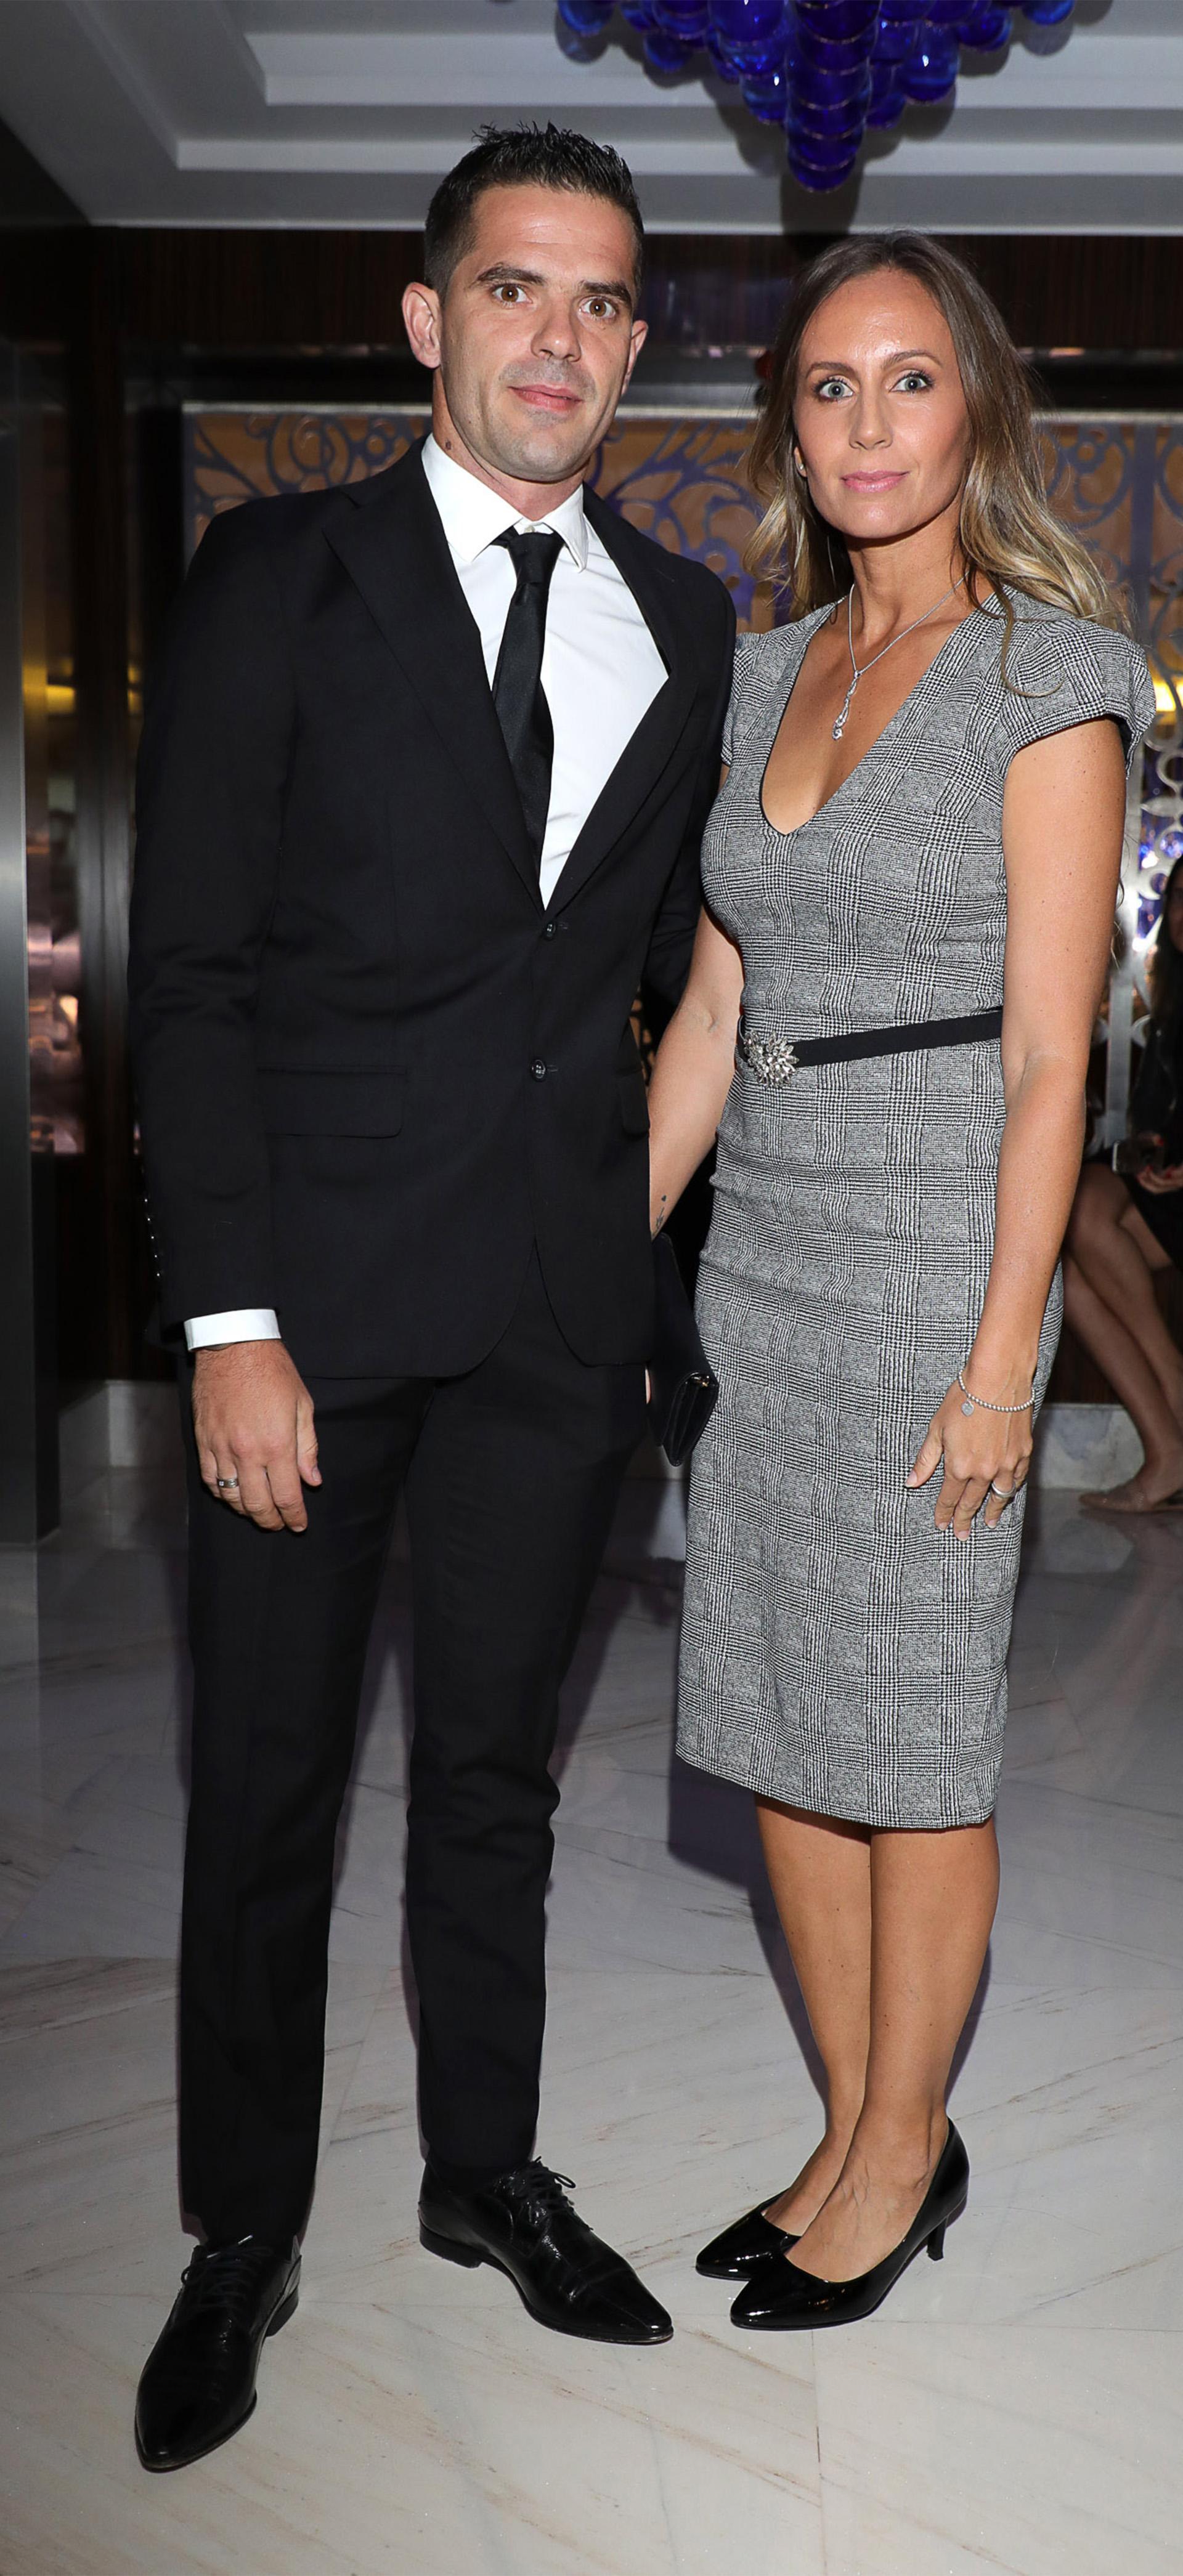 El futbolista Fernando Gago y su esposa la ex tenista Gisela Dulko